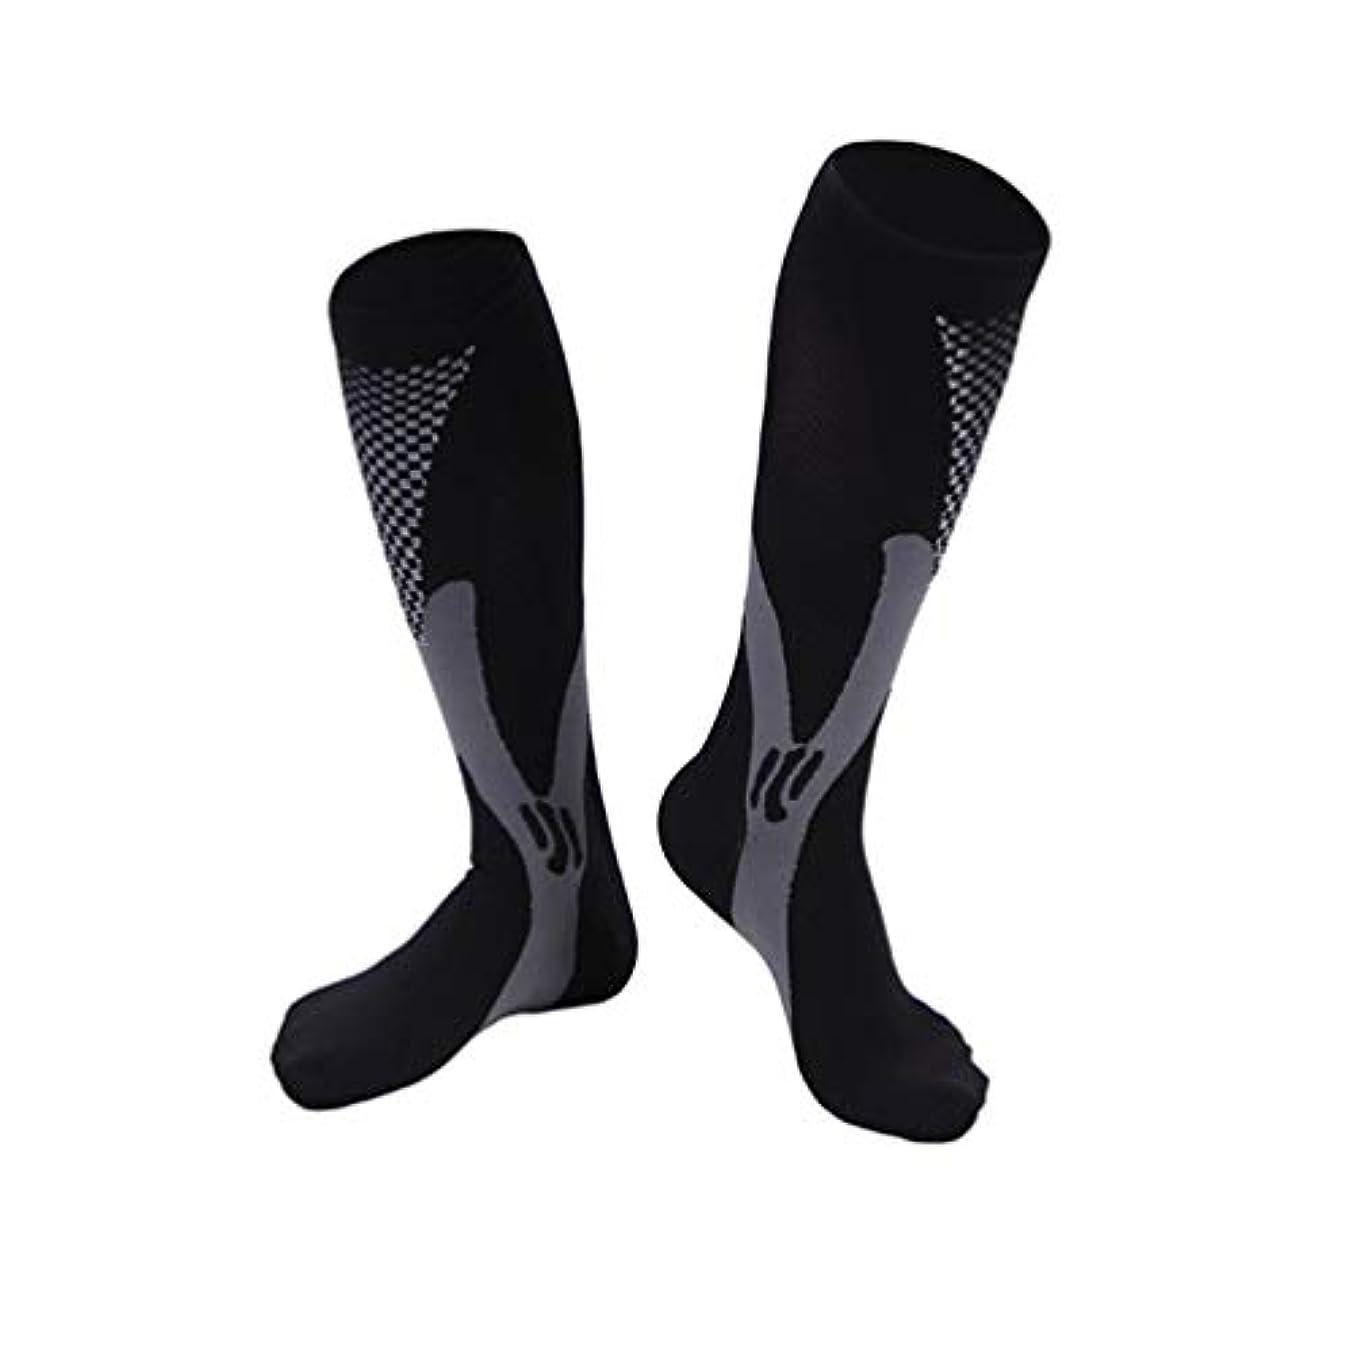 微視的マーティンルーサーキングジュニアグリーンランド快適な男性女性ファッションレッグサポートストレッチ圧縮ソックス下膝ソックスレッグサポートストレッチ通気性ソックス - ブラック2 XL